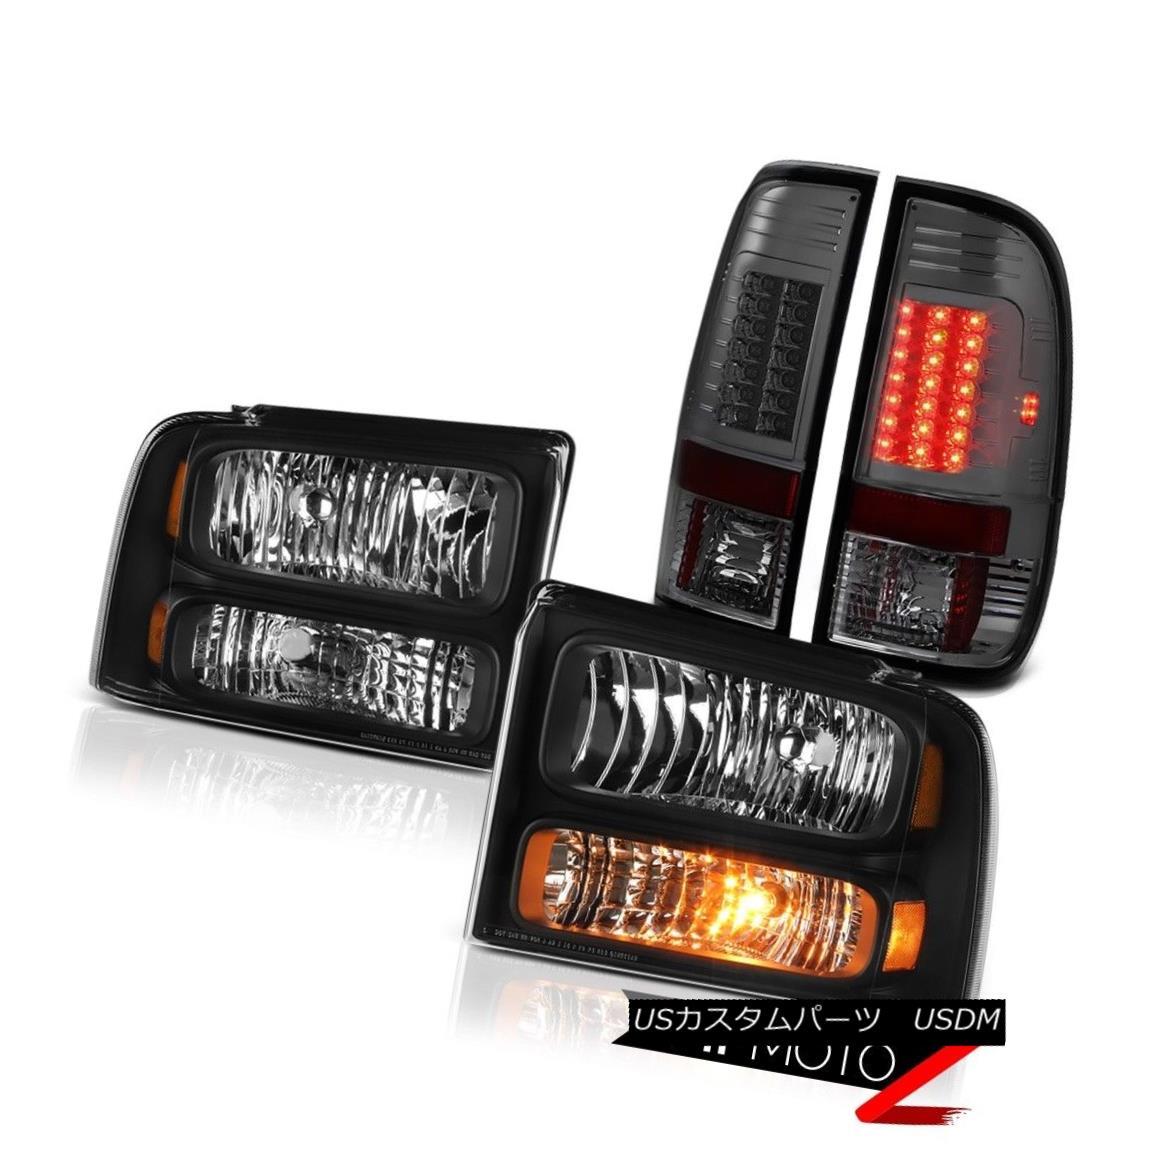 ヘッドライト Black Replacement Headlamps Smoke LED Taillight 2005 2006 2007 Ford F350 Outlaw ブラック交換ヘッドランプ煙LEDテールライト2005 2006 2007 Ford F350 Outlaw